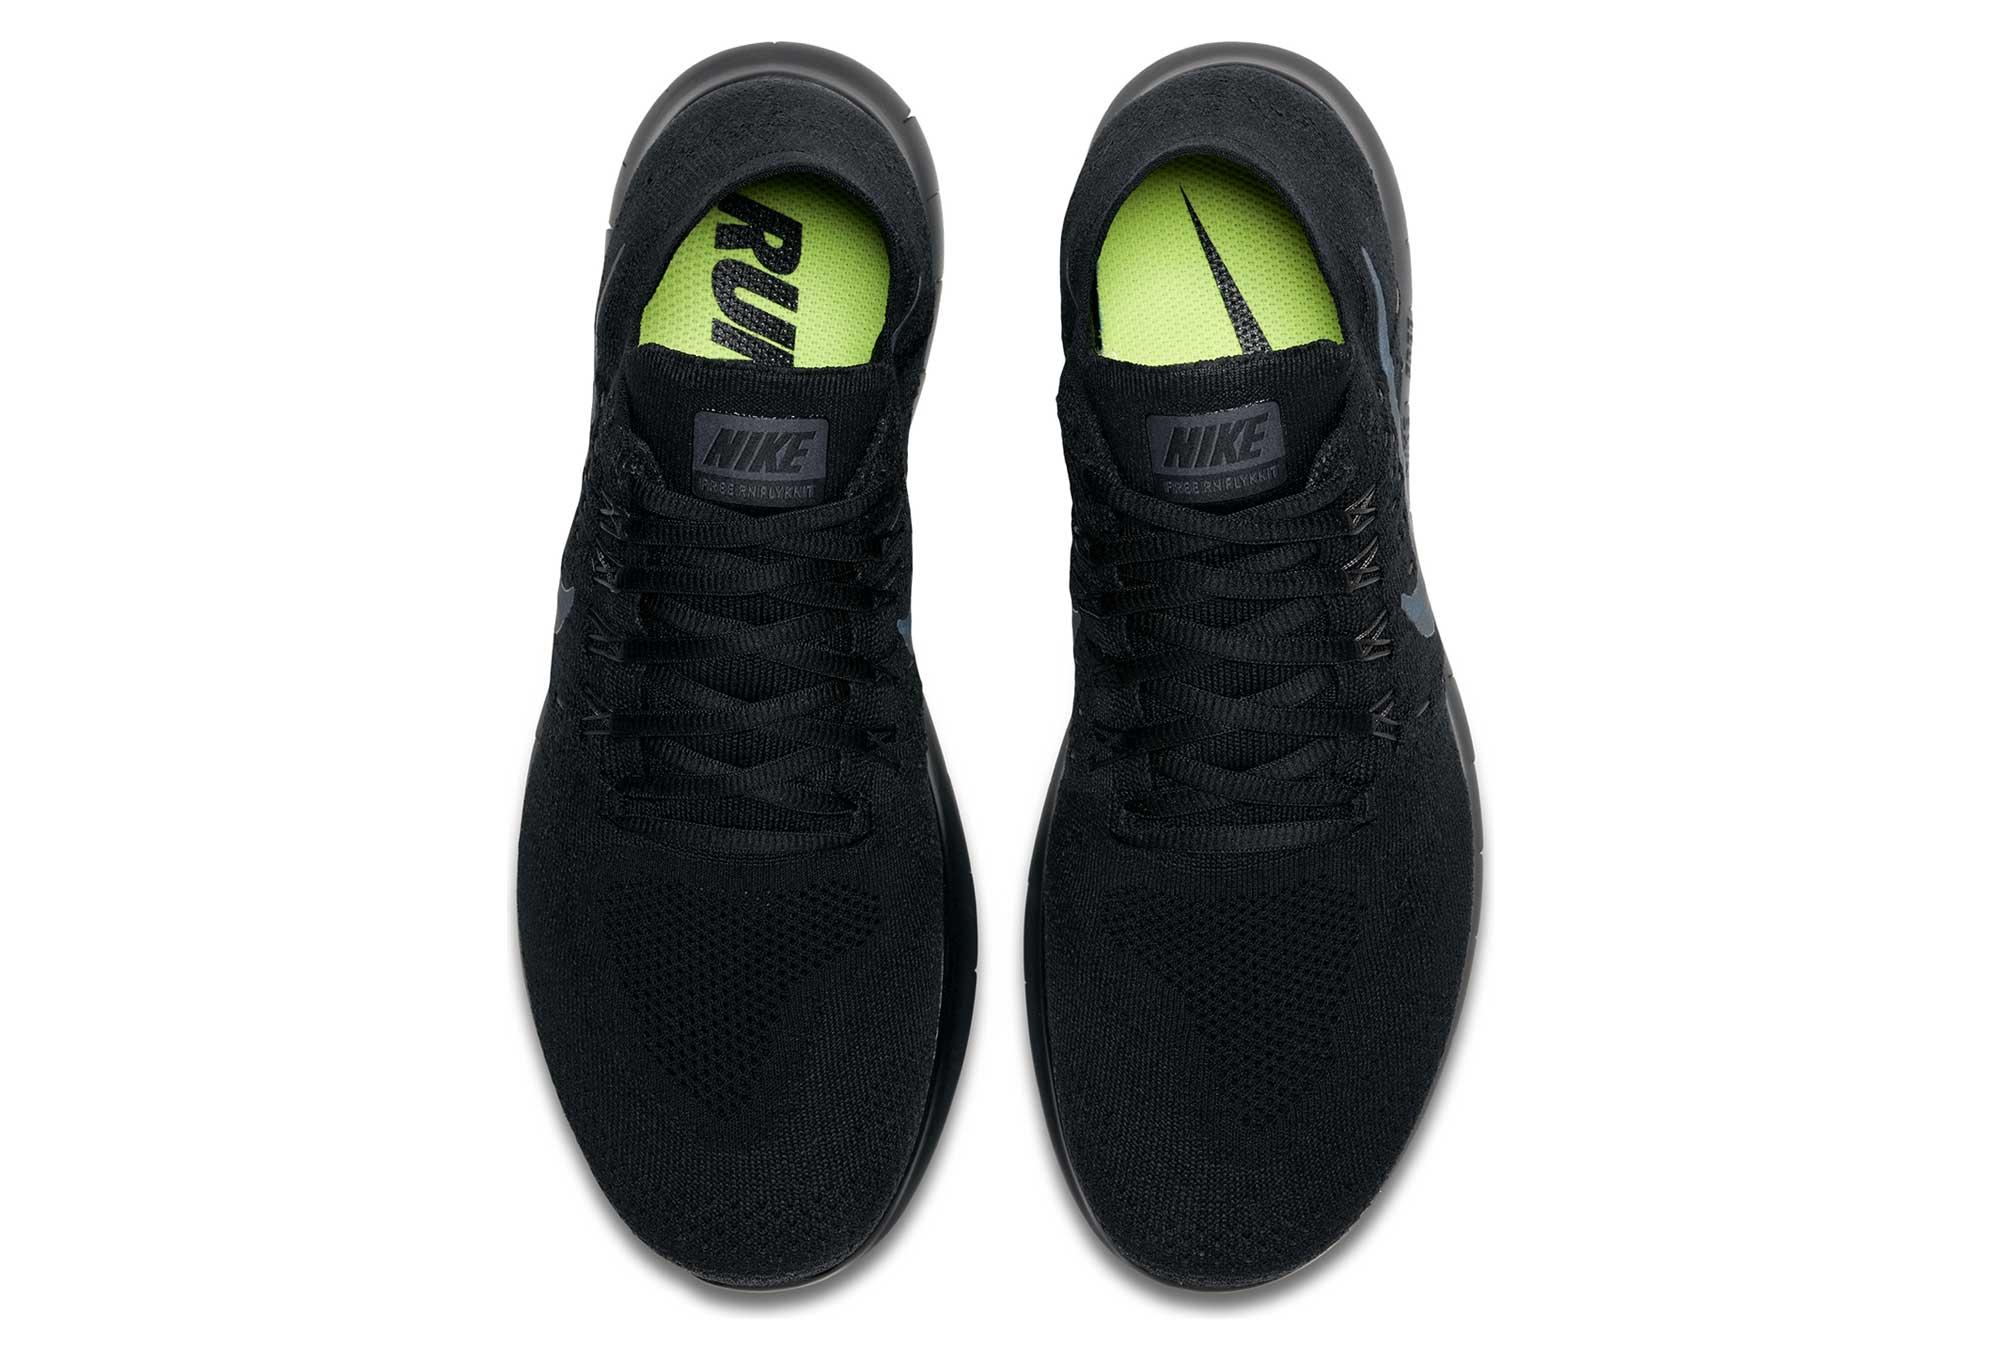 size 40 1d6f8 2b6e5 Chaussures de Running Femme Nike Free RN Flyknit 2017 Noir